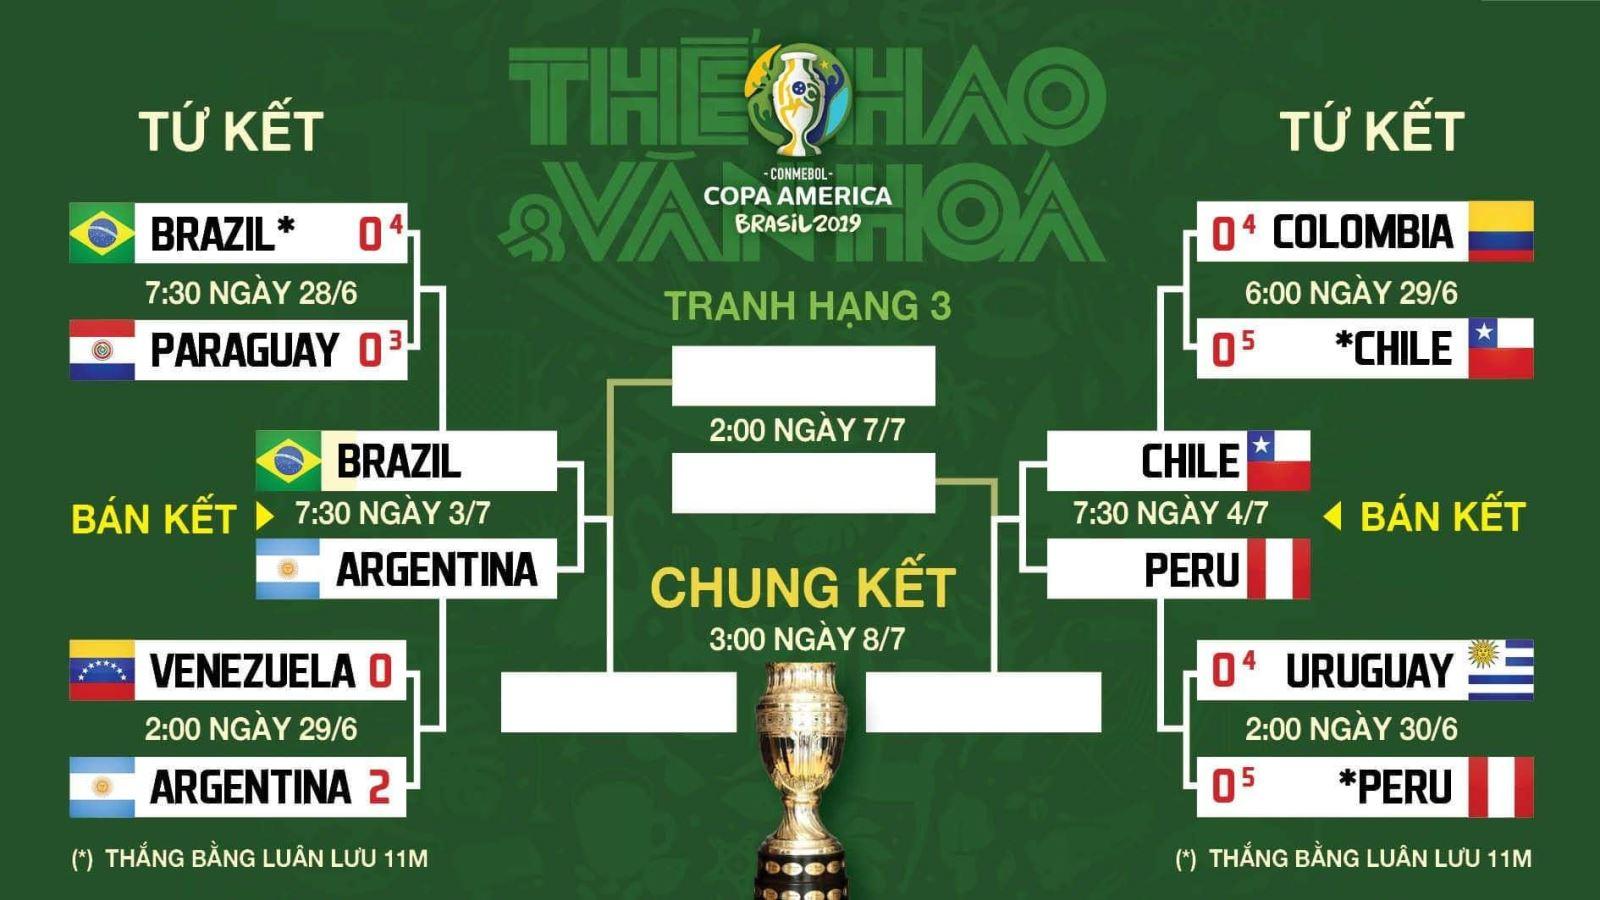 Trực tiếp bóng đá: Brazil vs Argentina